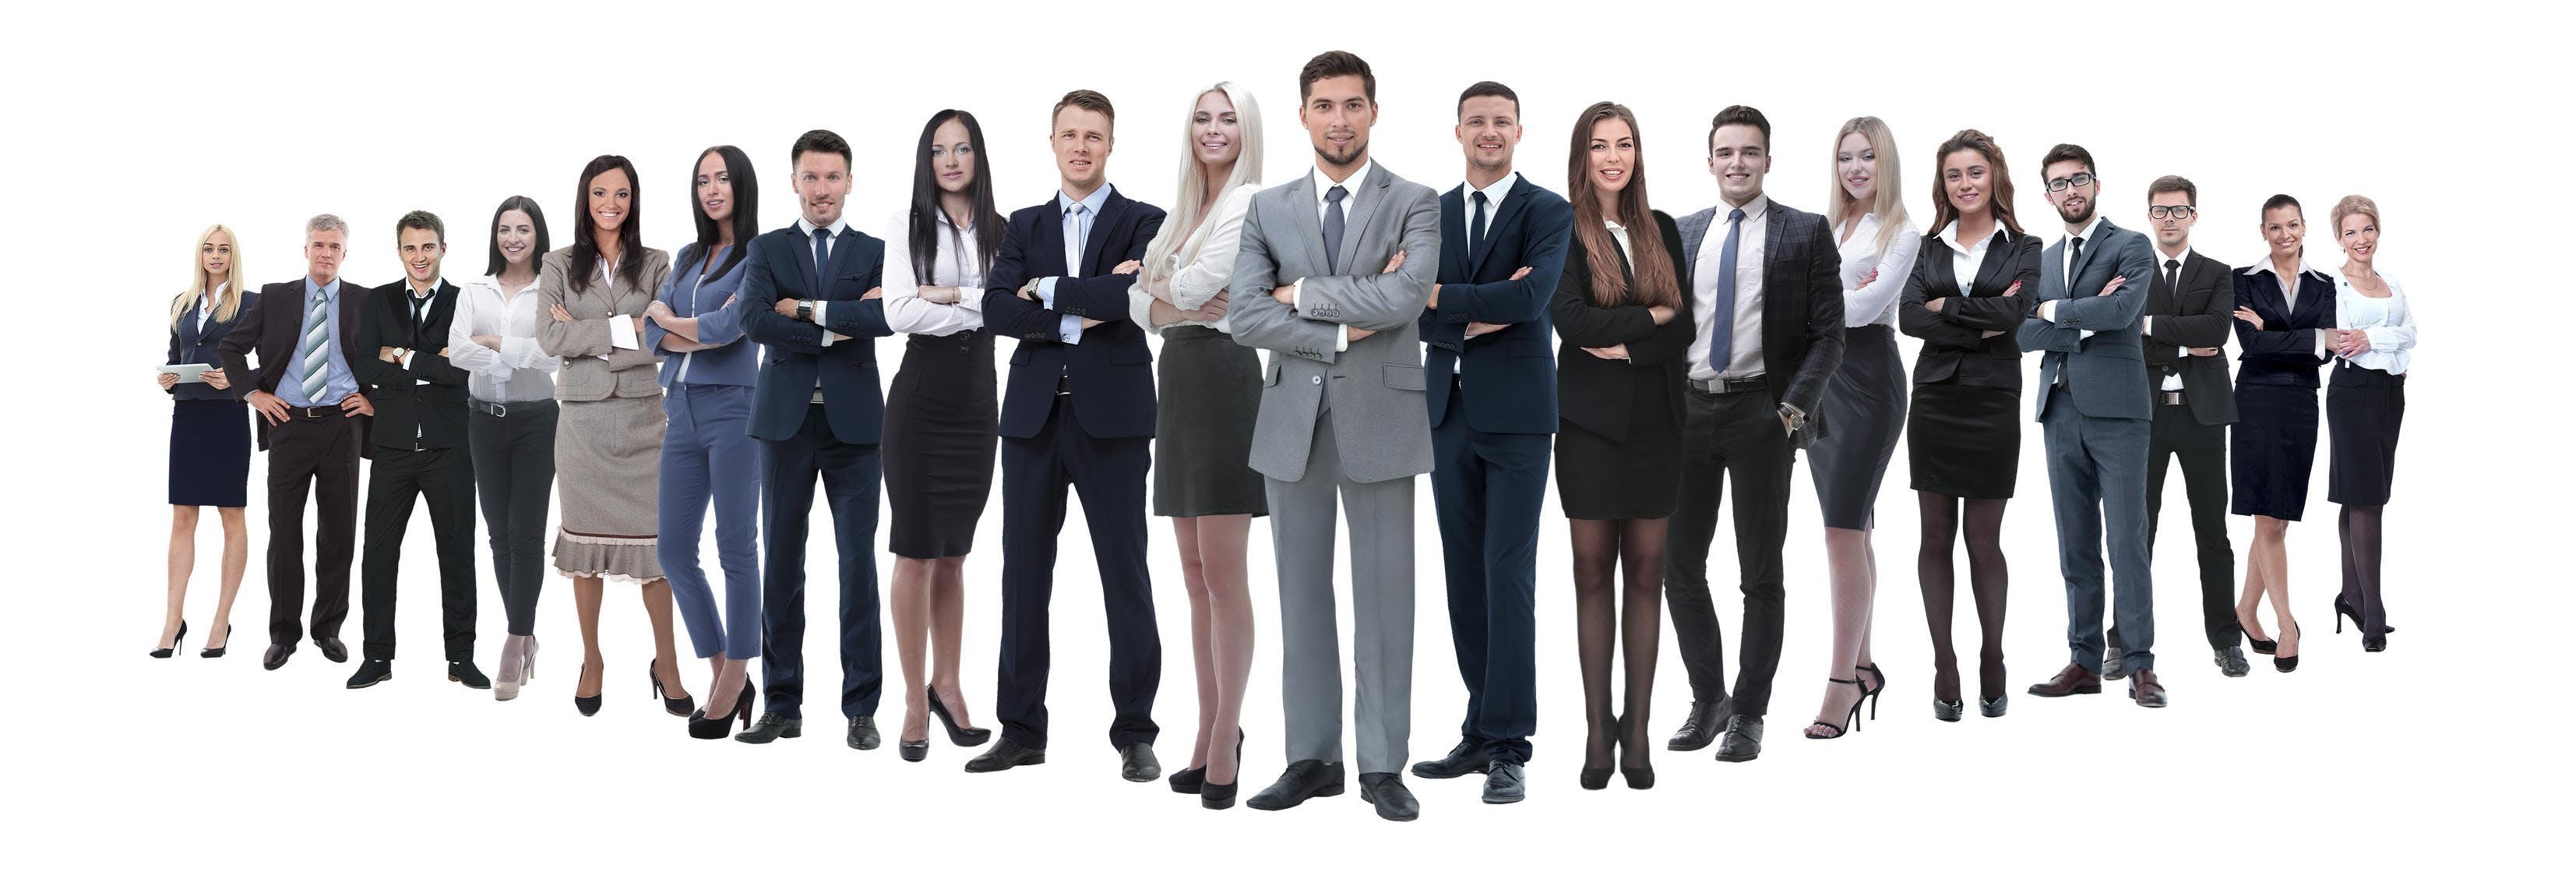 Servizi Per Agenti Immobiliari eumedianet srls, servizi per l'immobiliare